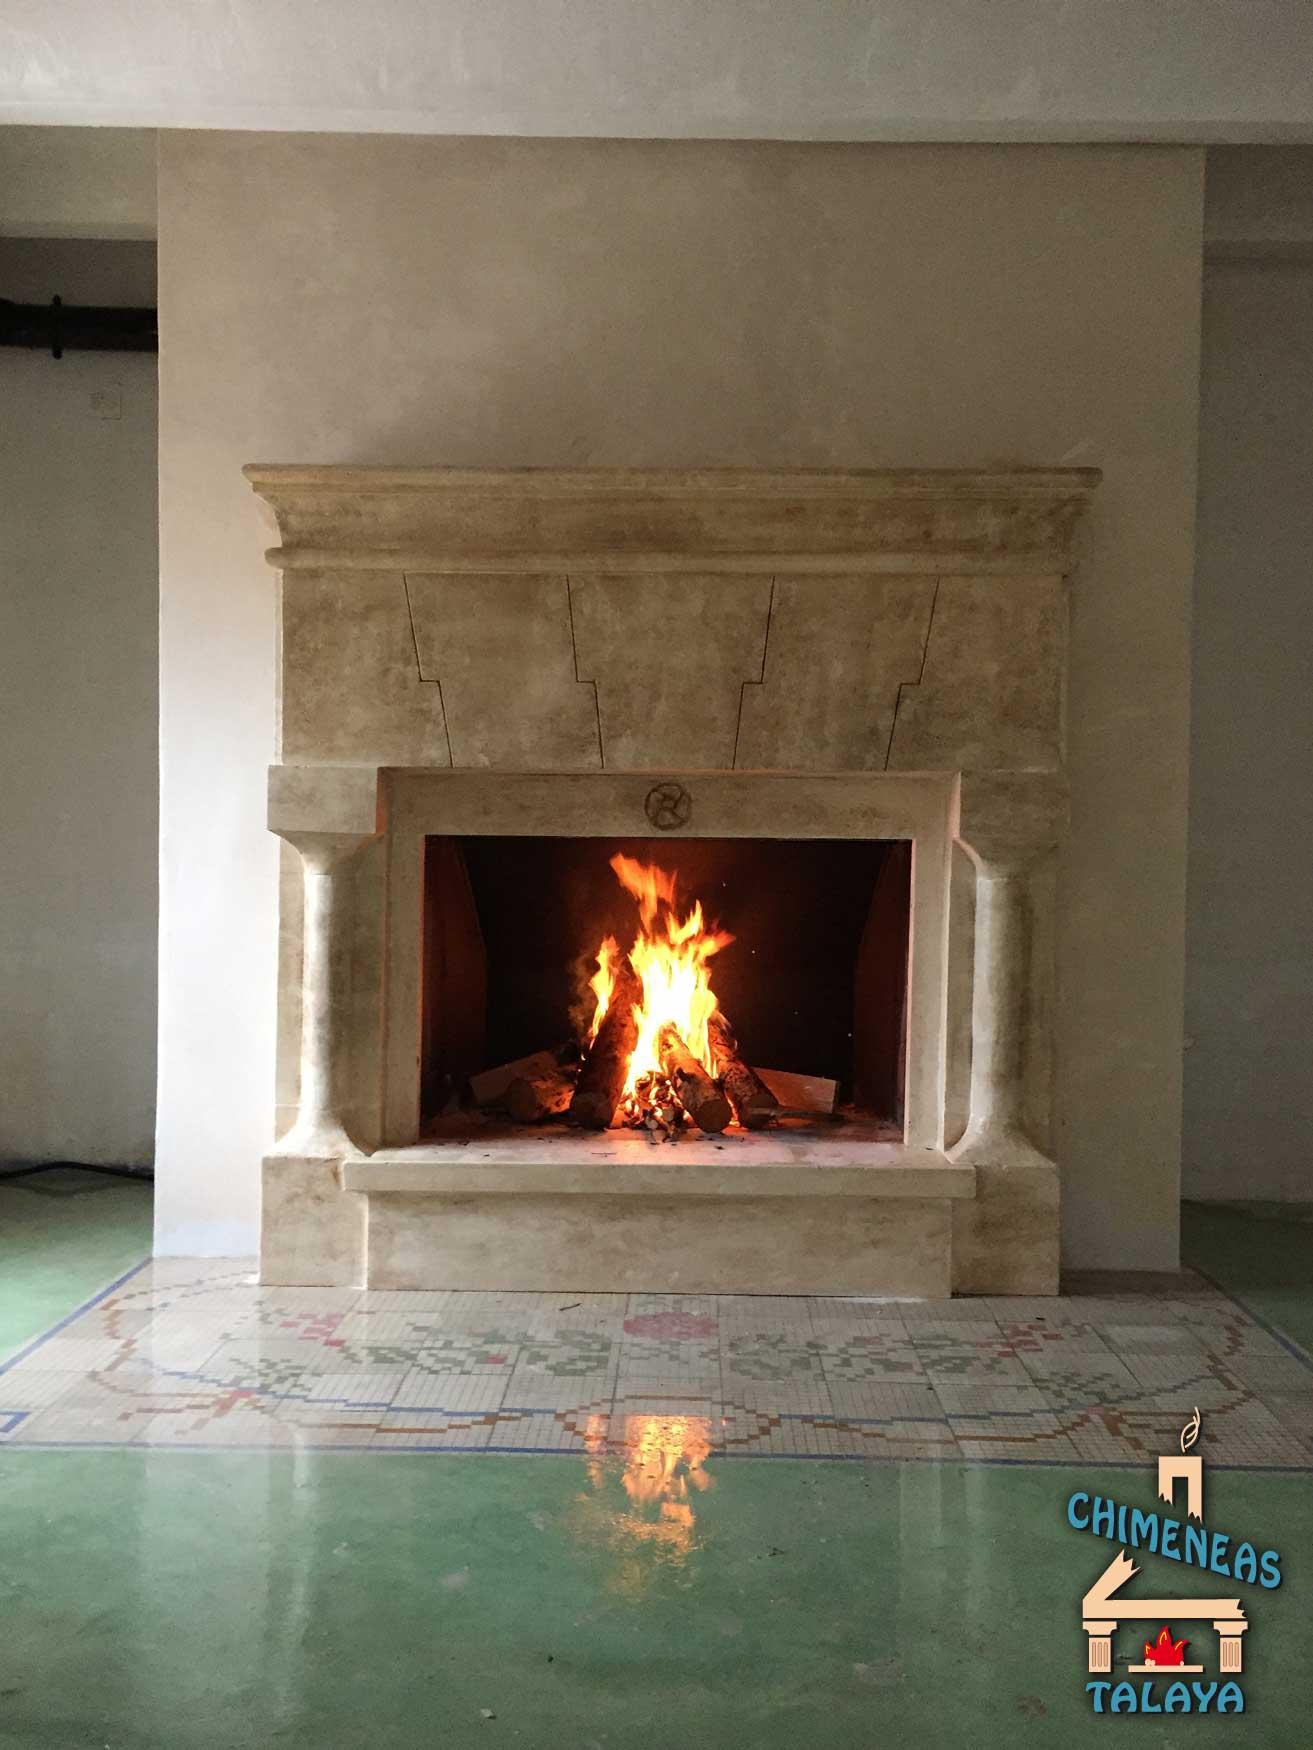 Chimeneas abiertas sistemas de calefacci n biomasa - Chimenea para calefaccion ...